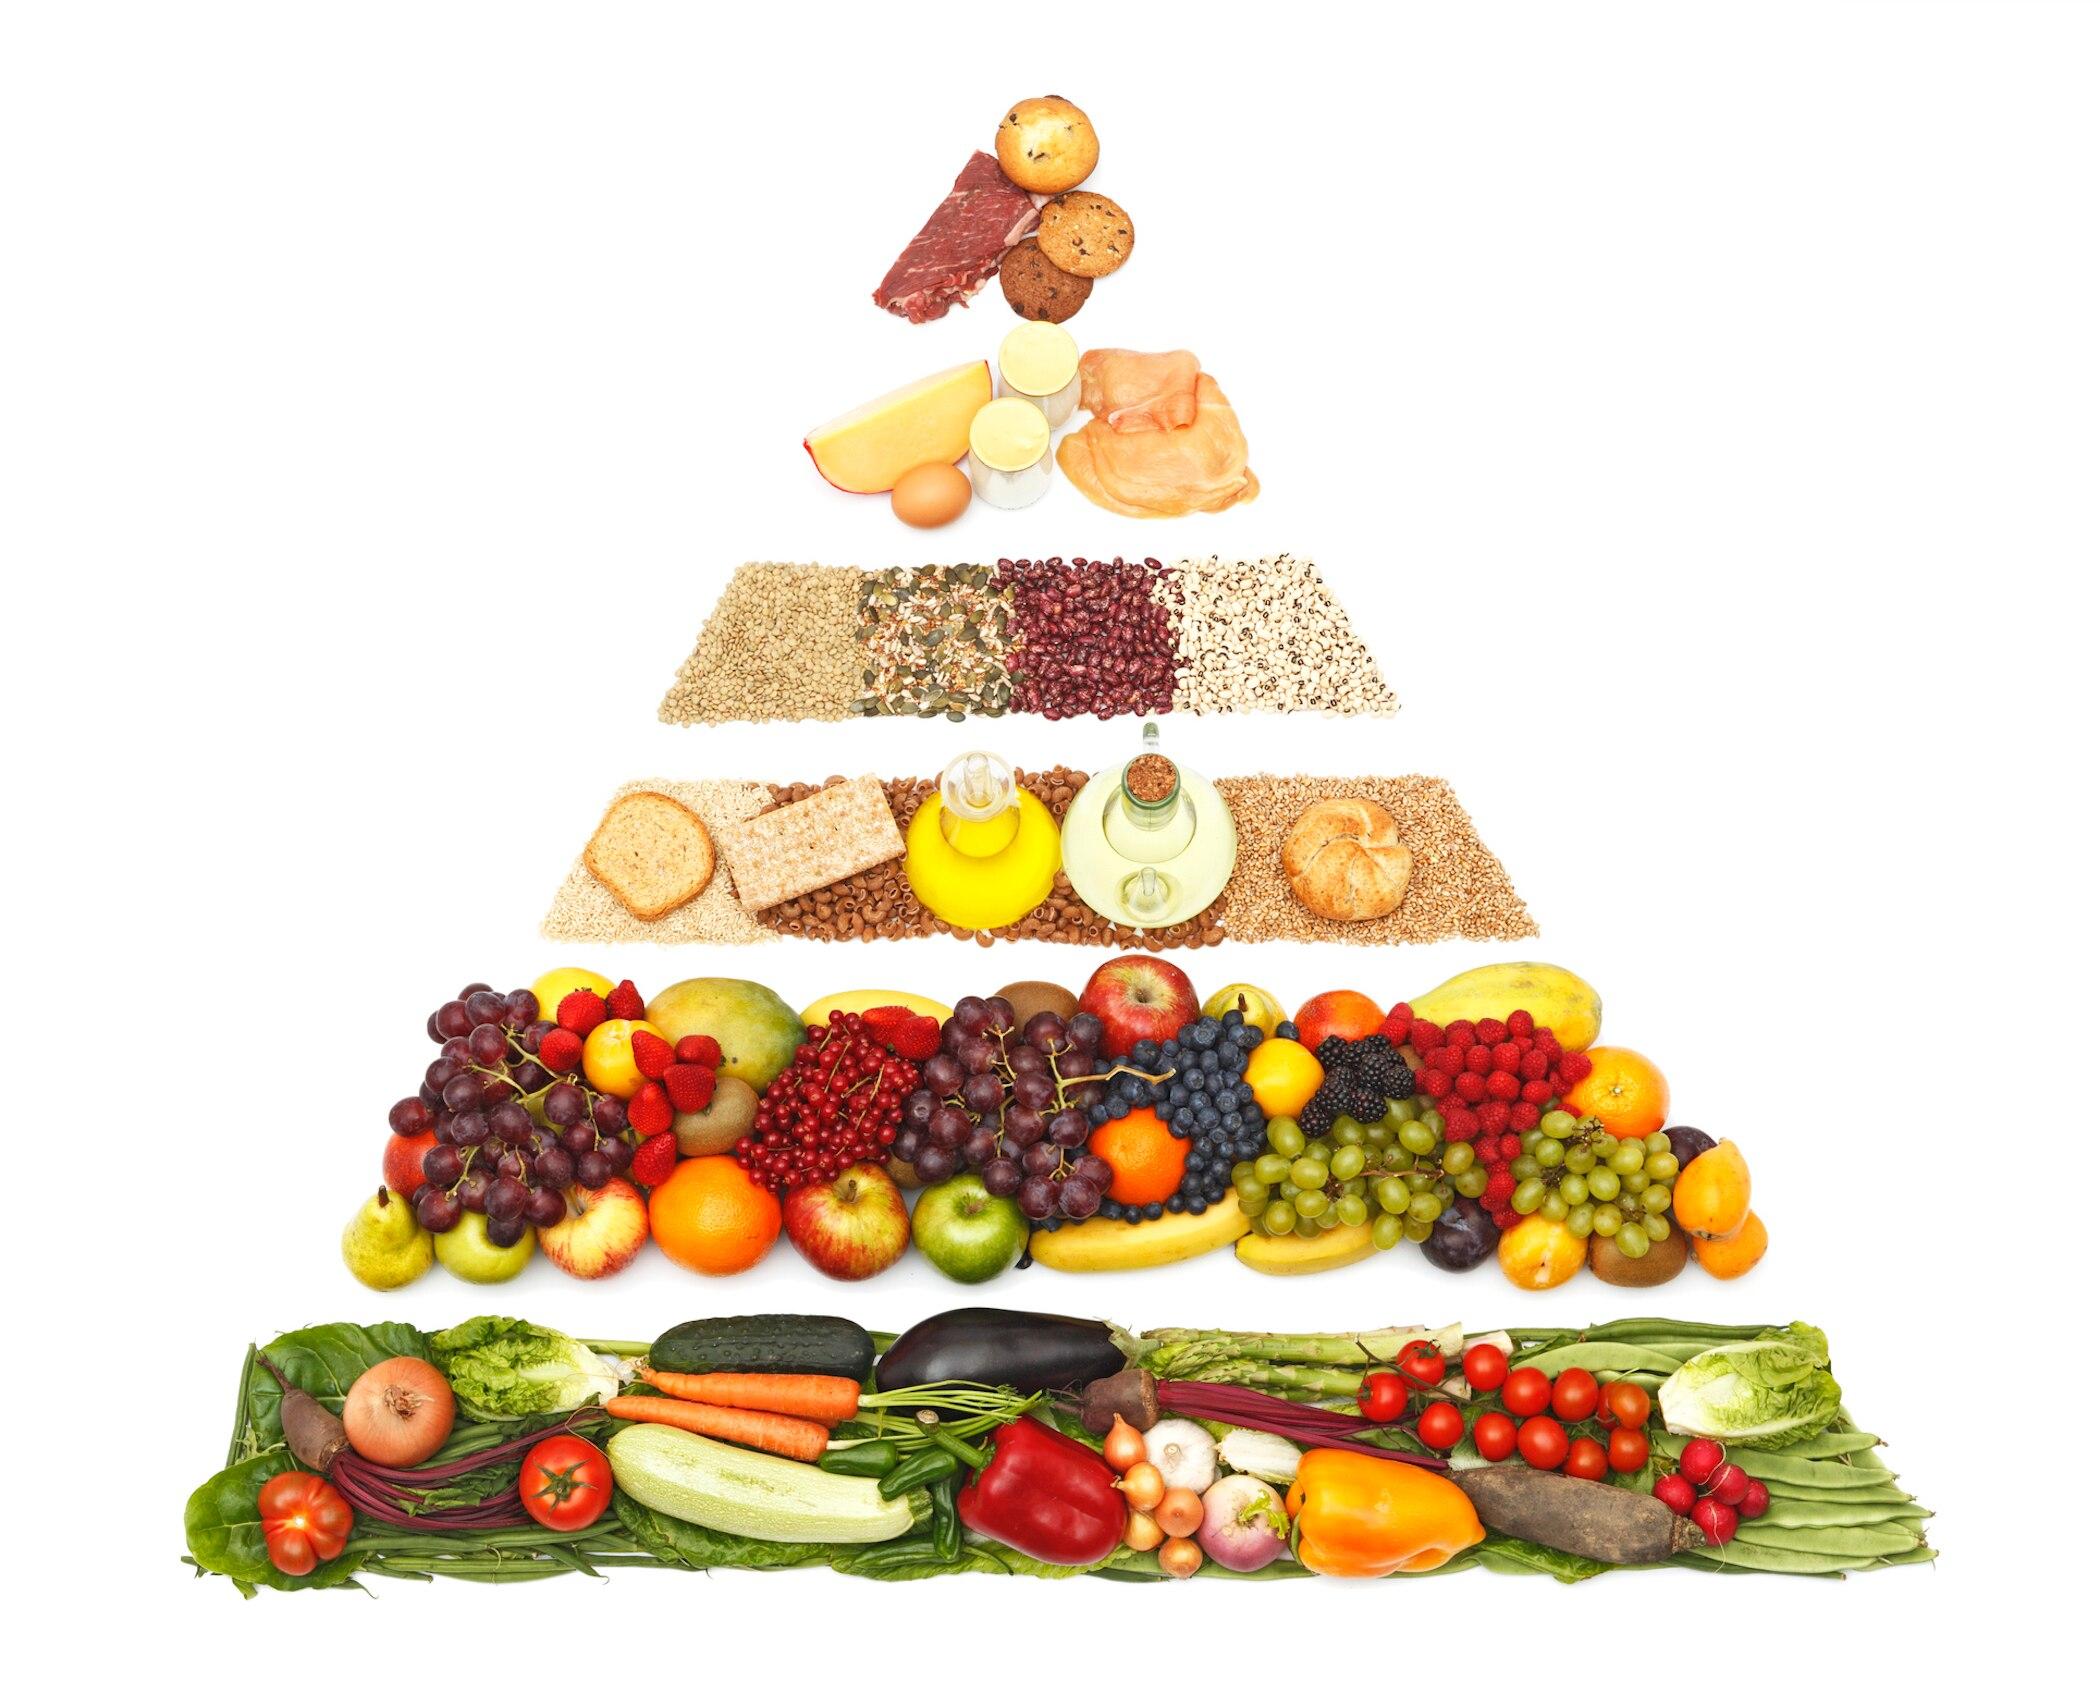 Wie man mithilfe der Ernährungspyramide gesünder essen kann